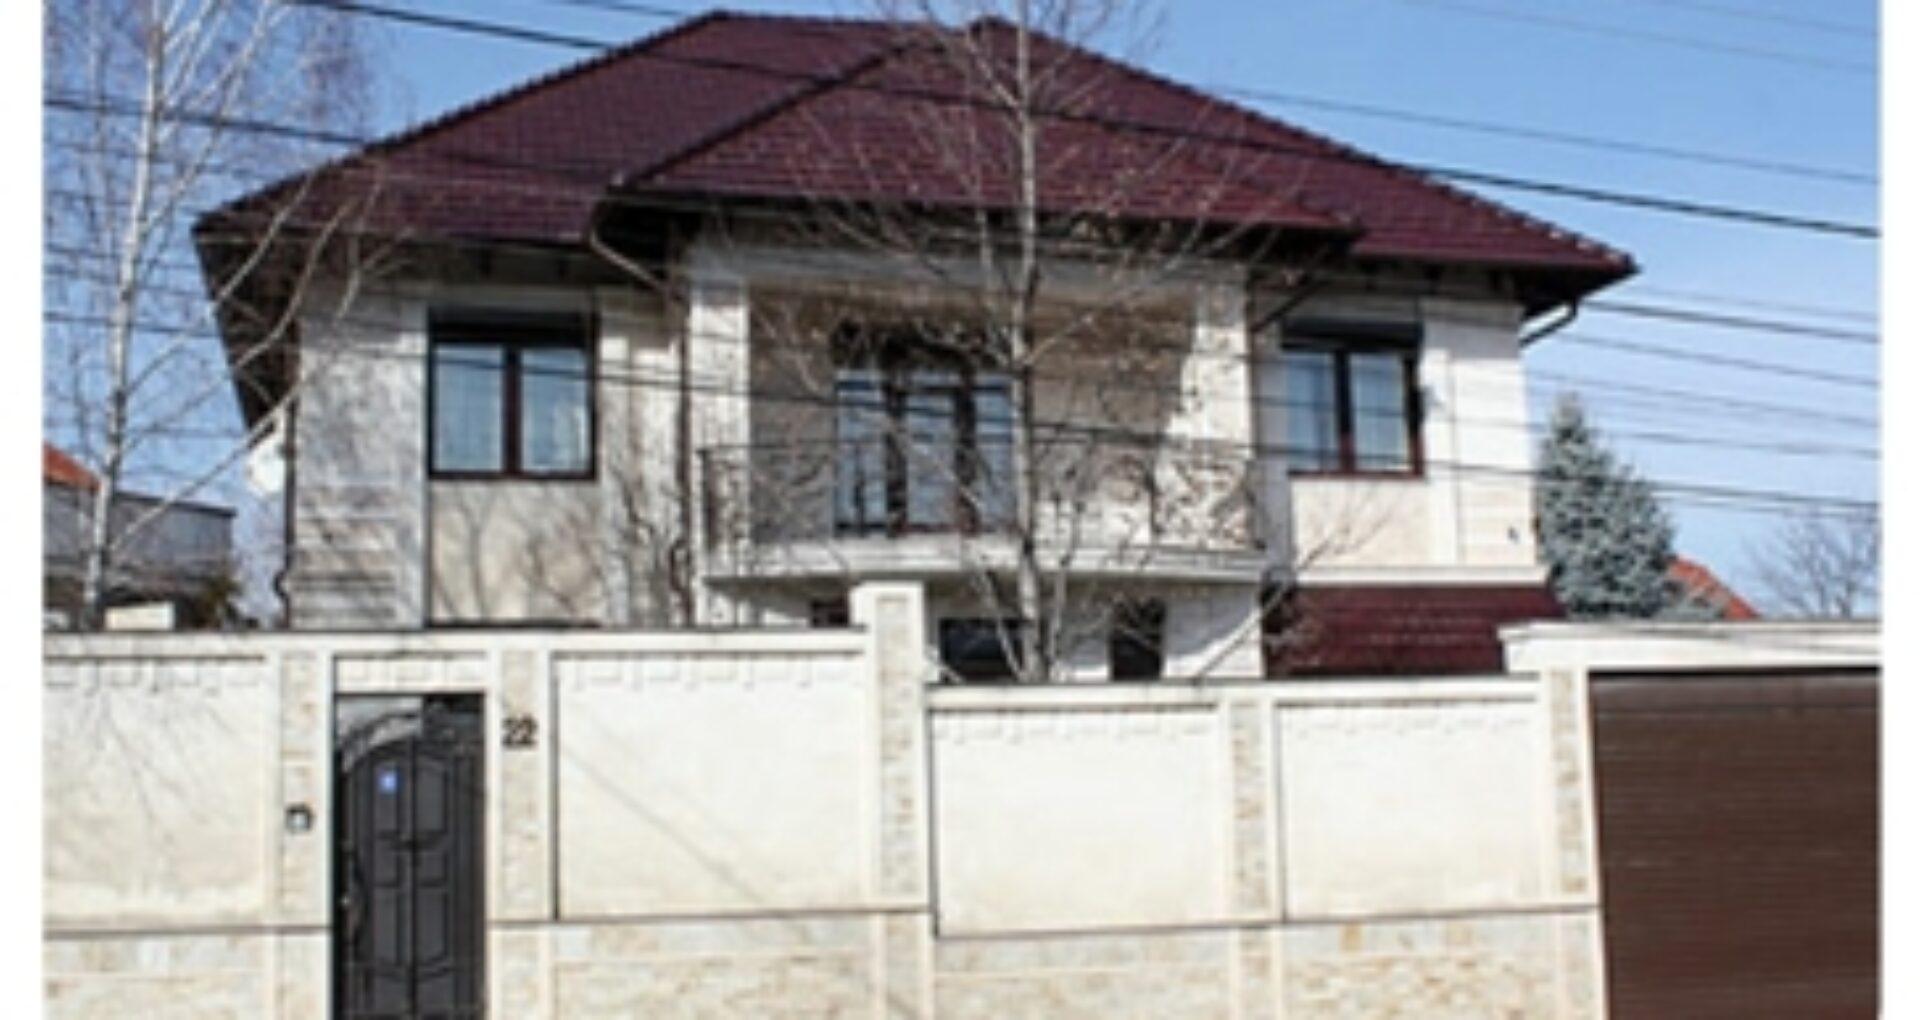 (foto) Averea deputatului Reşetnicov: două case în Chişinău, apartament, spaţii comerciale, maşină de un milion şi o soţie cu afaceri de succes